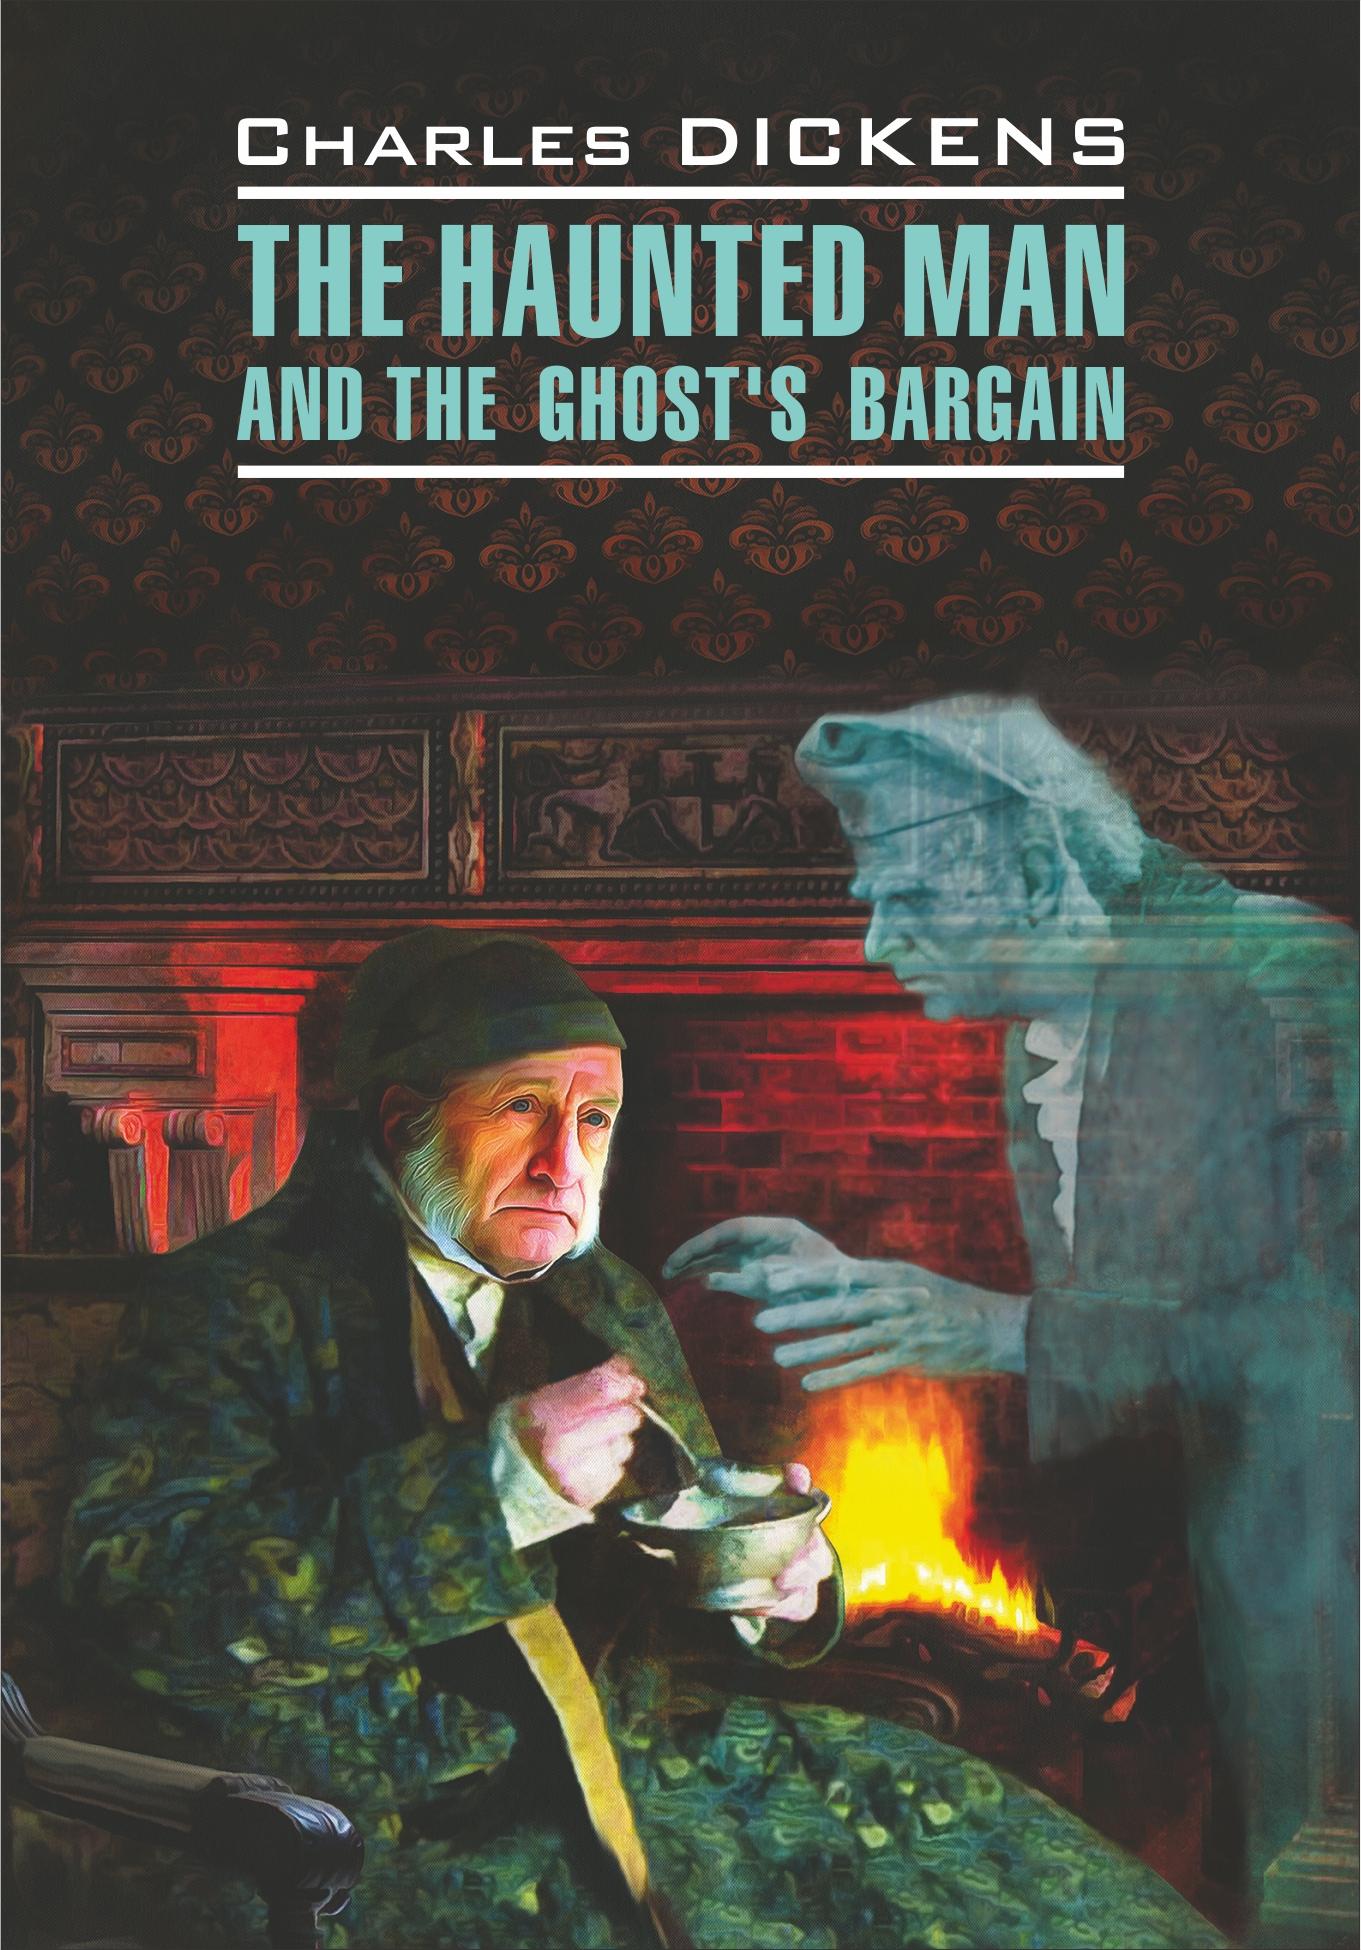 Чарльз Диккенс The Haunted Man and the Ghost's Bargain / Одержимый, или Сделка с призраком. Книга для чтения на английском языке чарльз диккенс the haunted man and the ghost s bargain